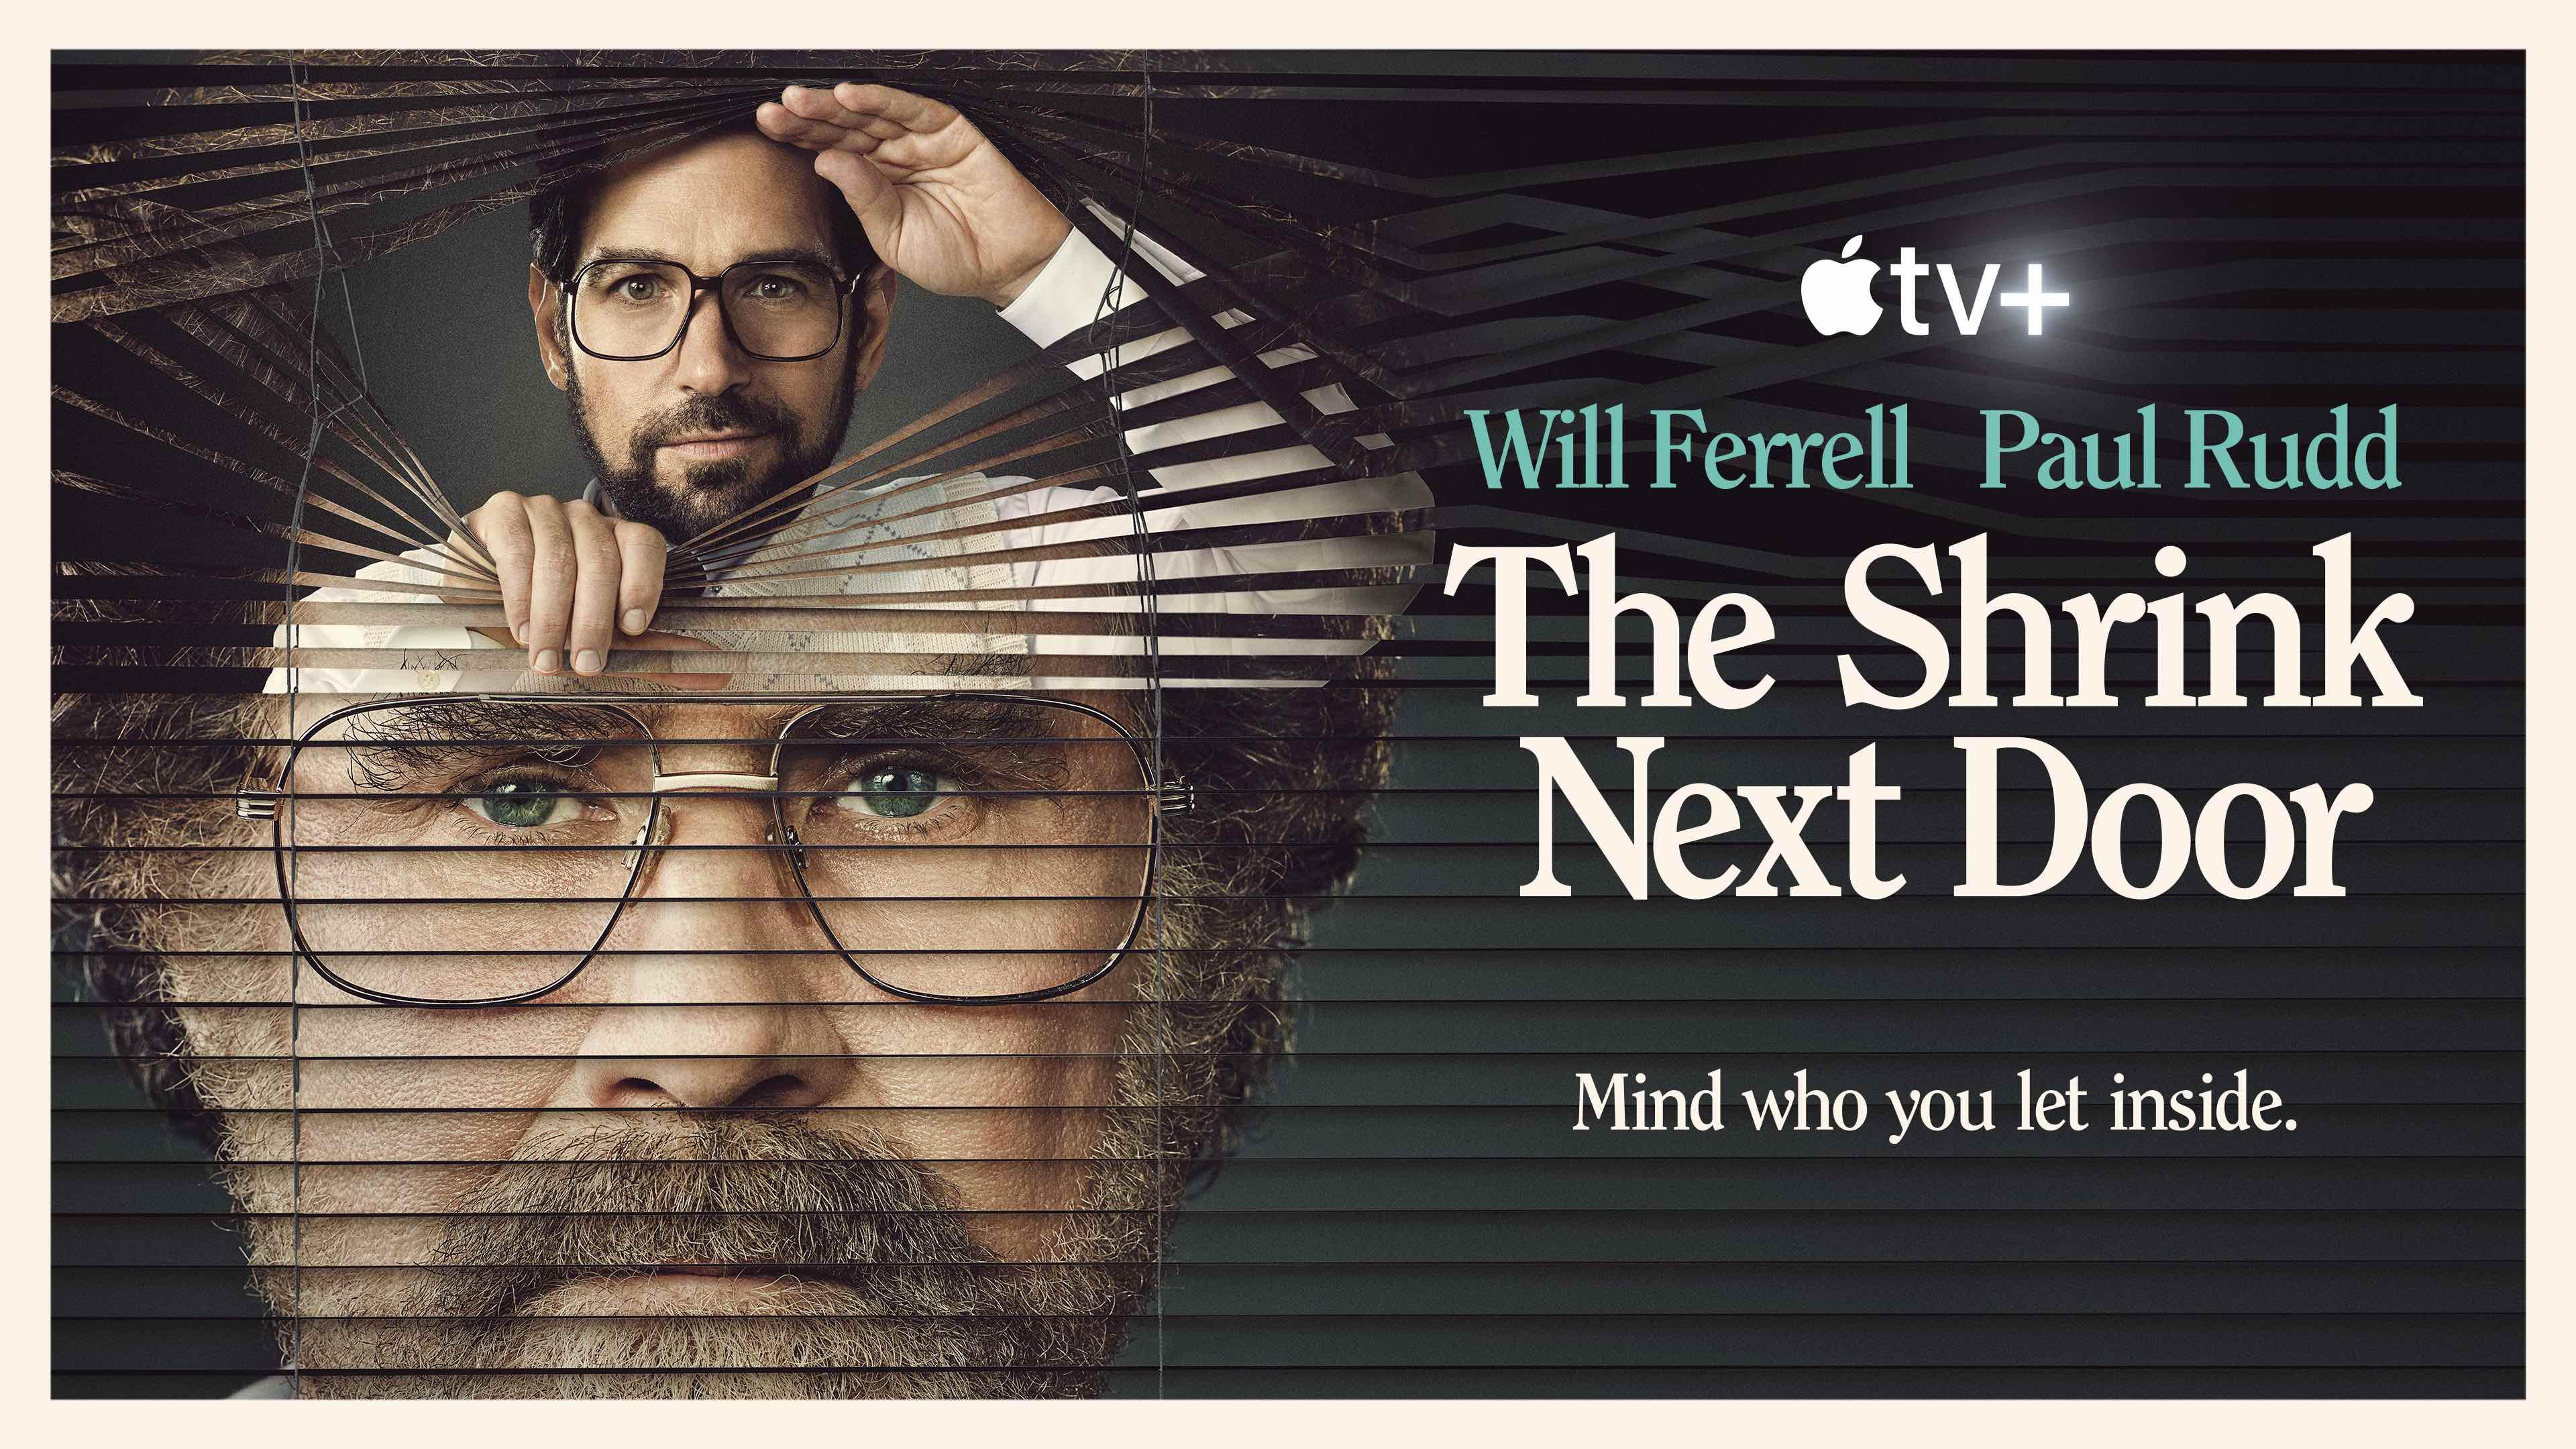 Serie Tv The Shrink Next Door, tratto da una storia vera